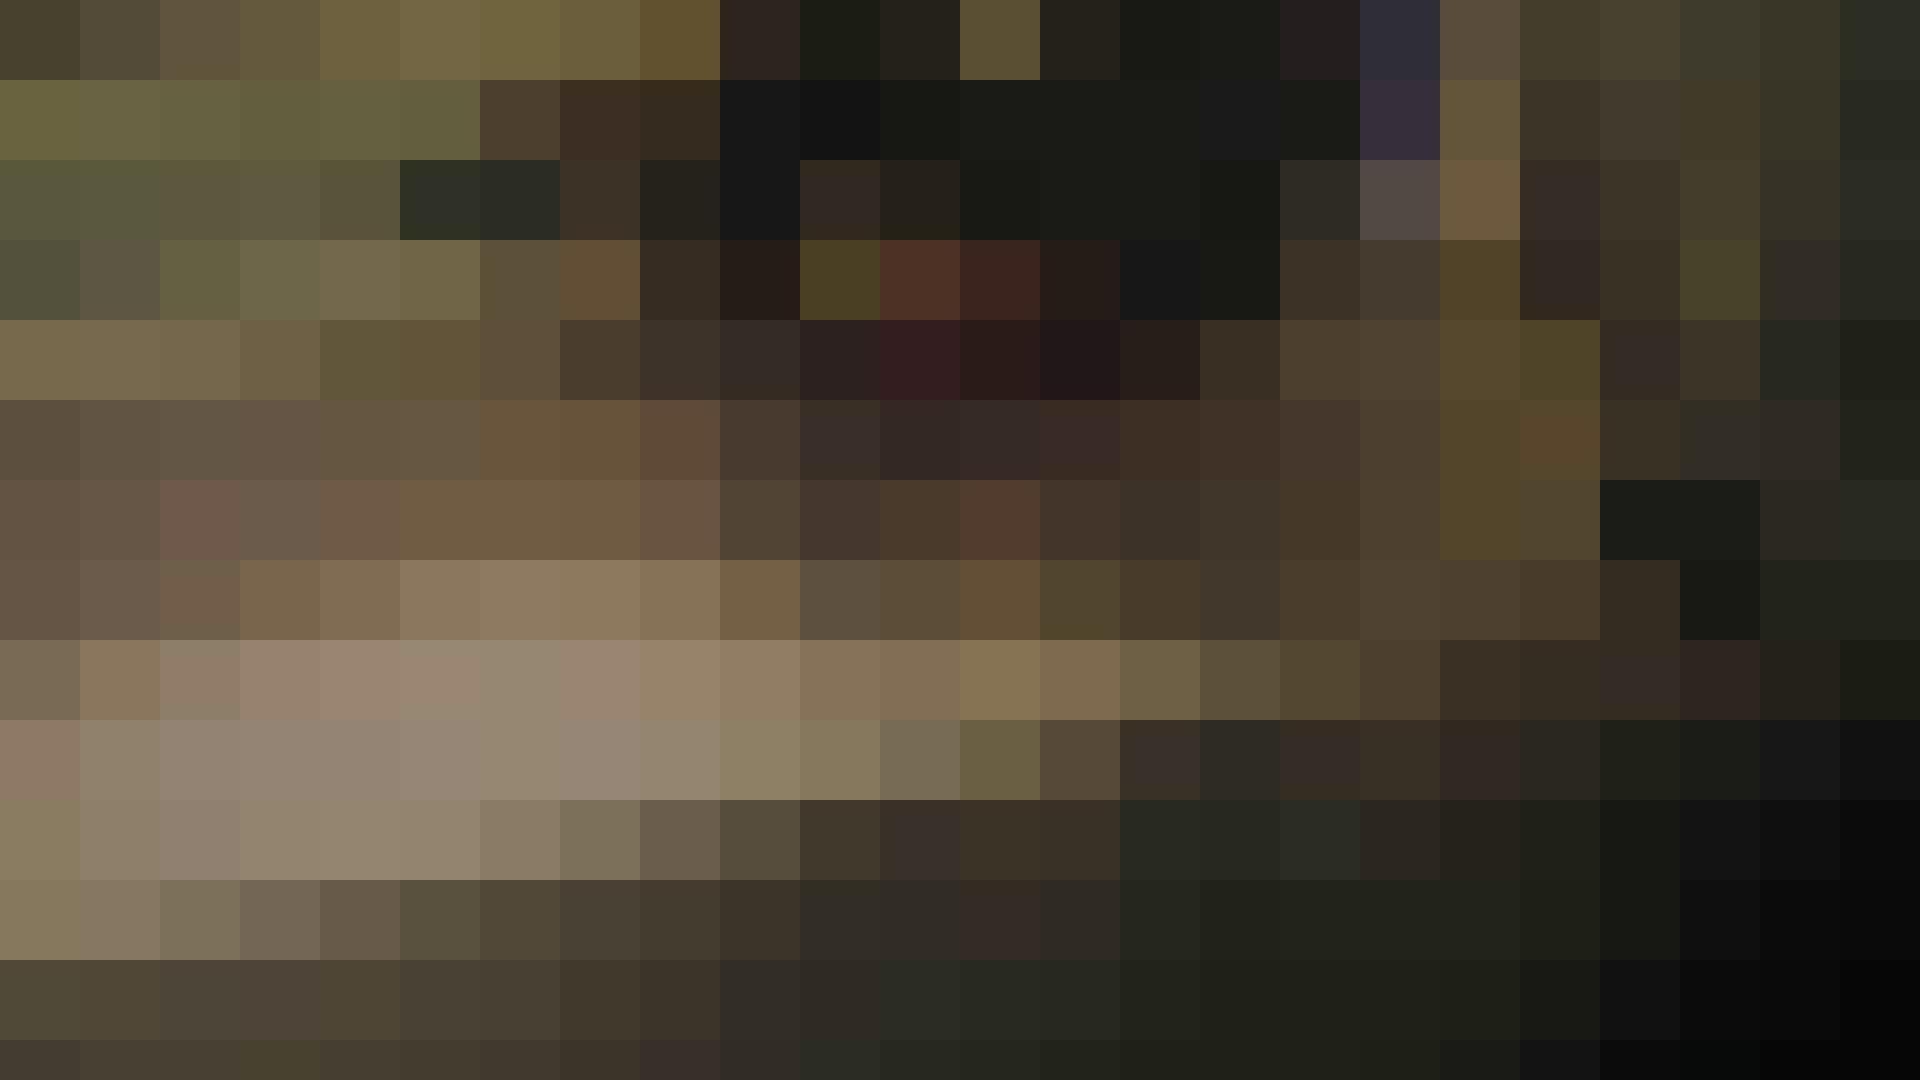 阿国ちゃんの「和式洋式七変化」No.18 iBO(フタコブ) 和式  99pic 86